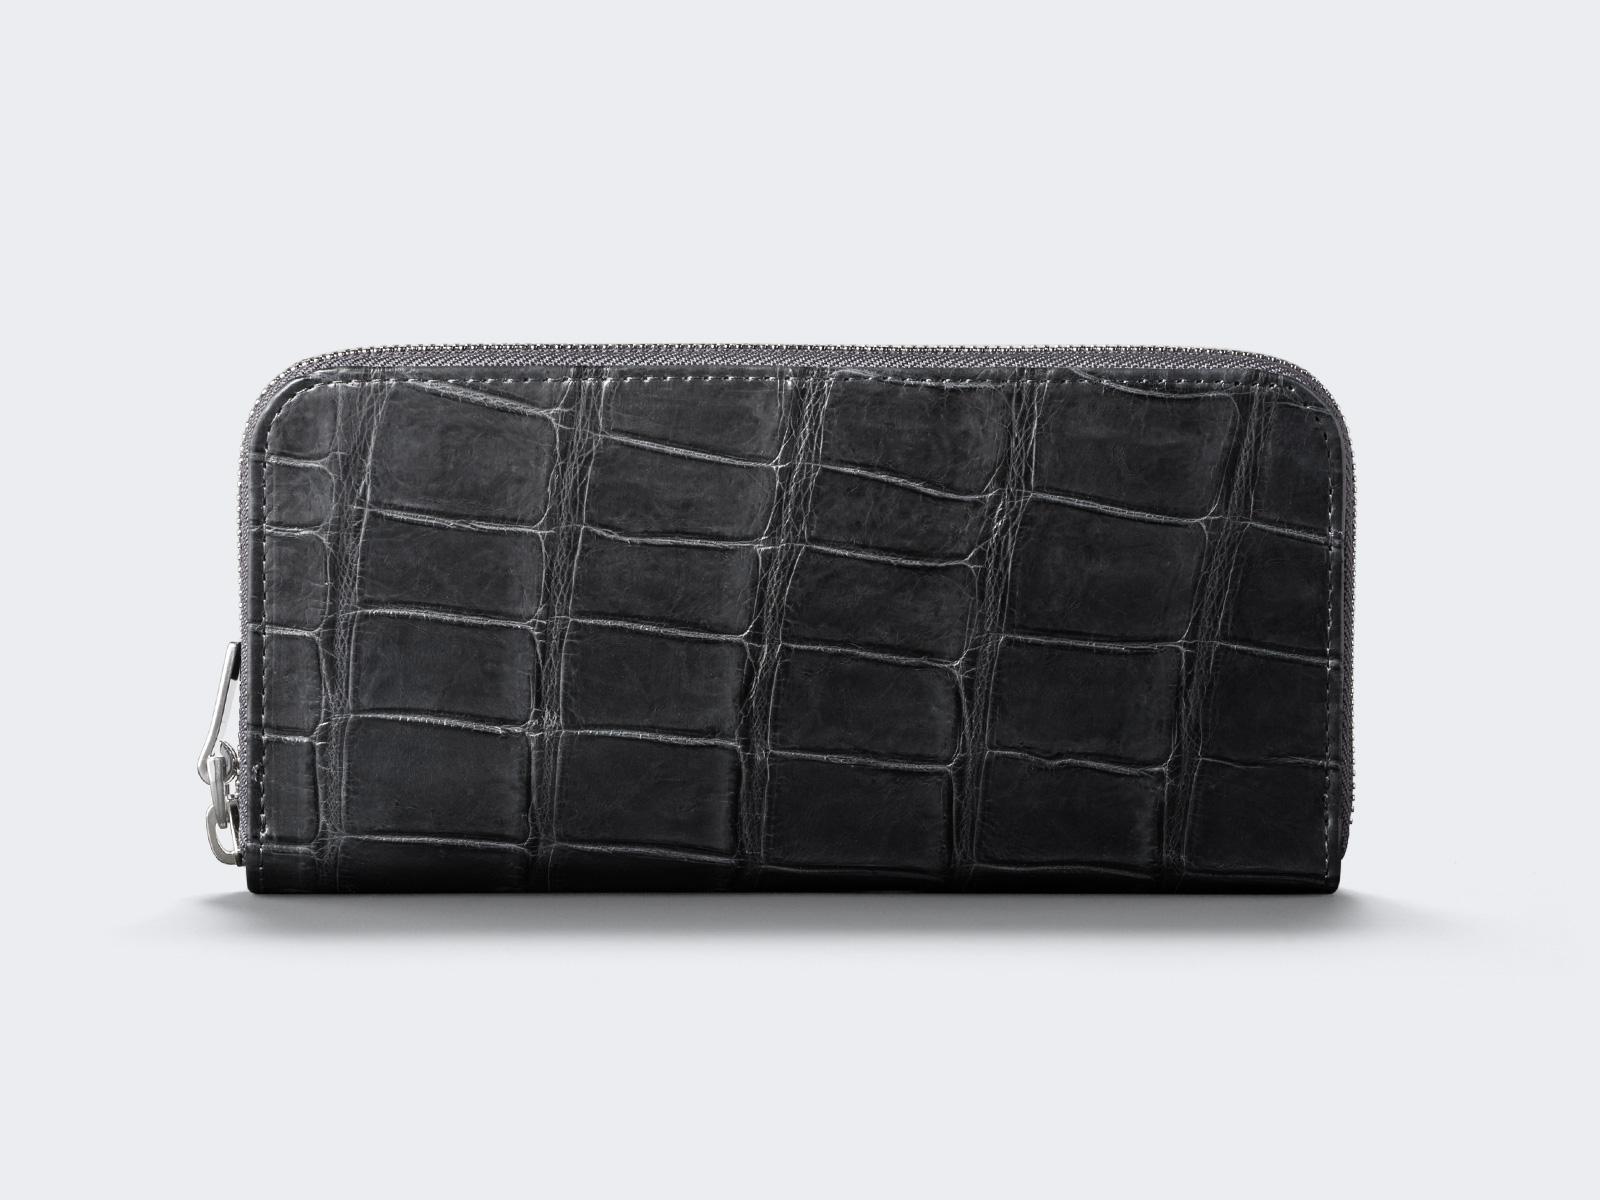 19063ec892c5 90-20002 [送料無料] Crocodile Leather 【aniary|アニアリ】 ウォレット 長財布 Goods クロコダイルレザー